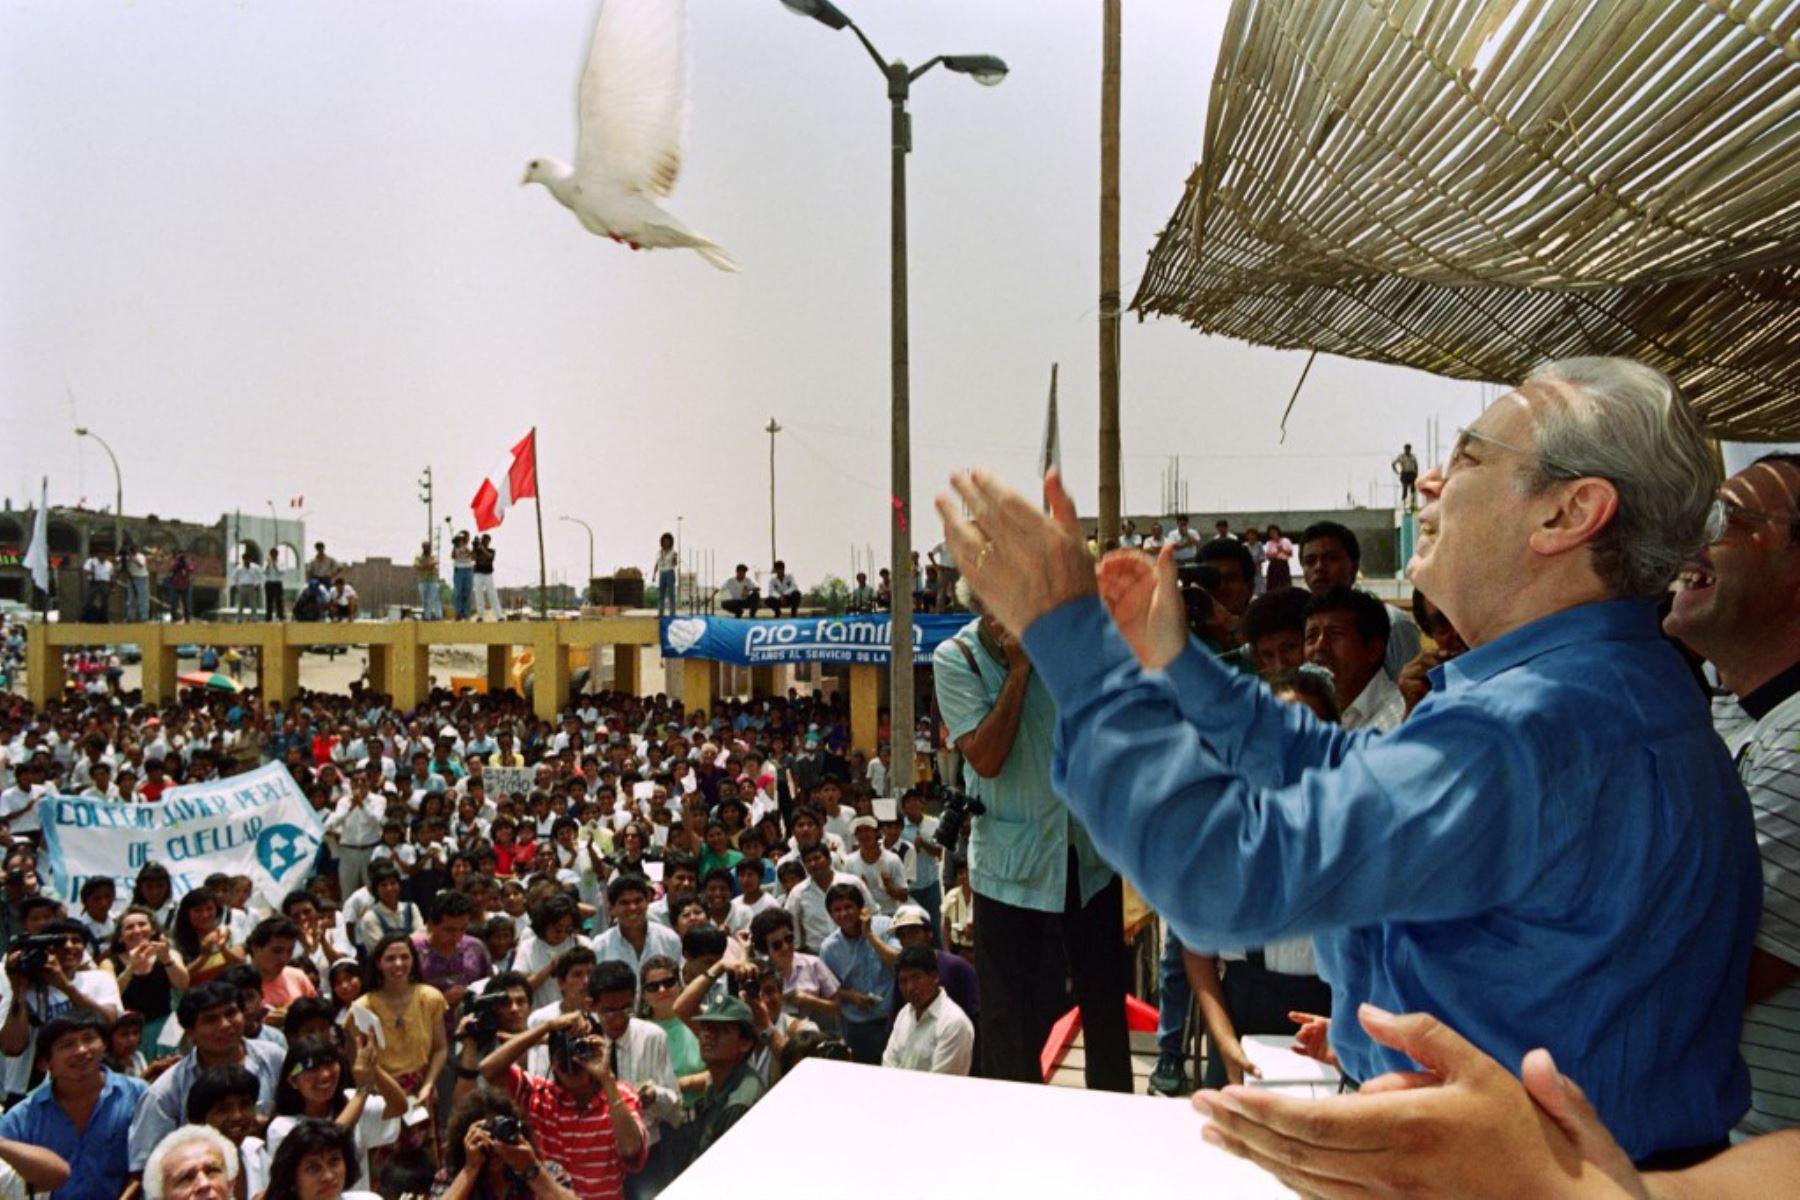 """El secretario general de las Naciones Unidas, Javier Pérez de Cuéllar, suelta una paloma blanca el 22 de enero de 1992 durante una ceremonia de homenaje a su """"alma mater"""" en Lima. Foto: AFP"""